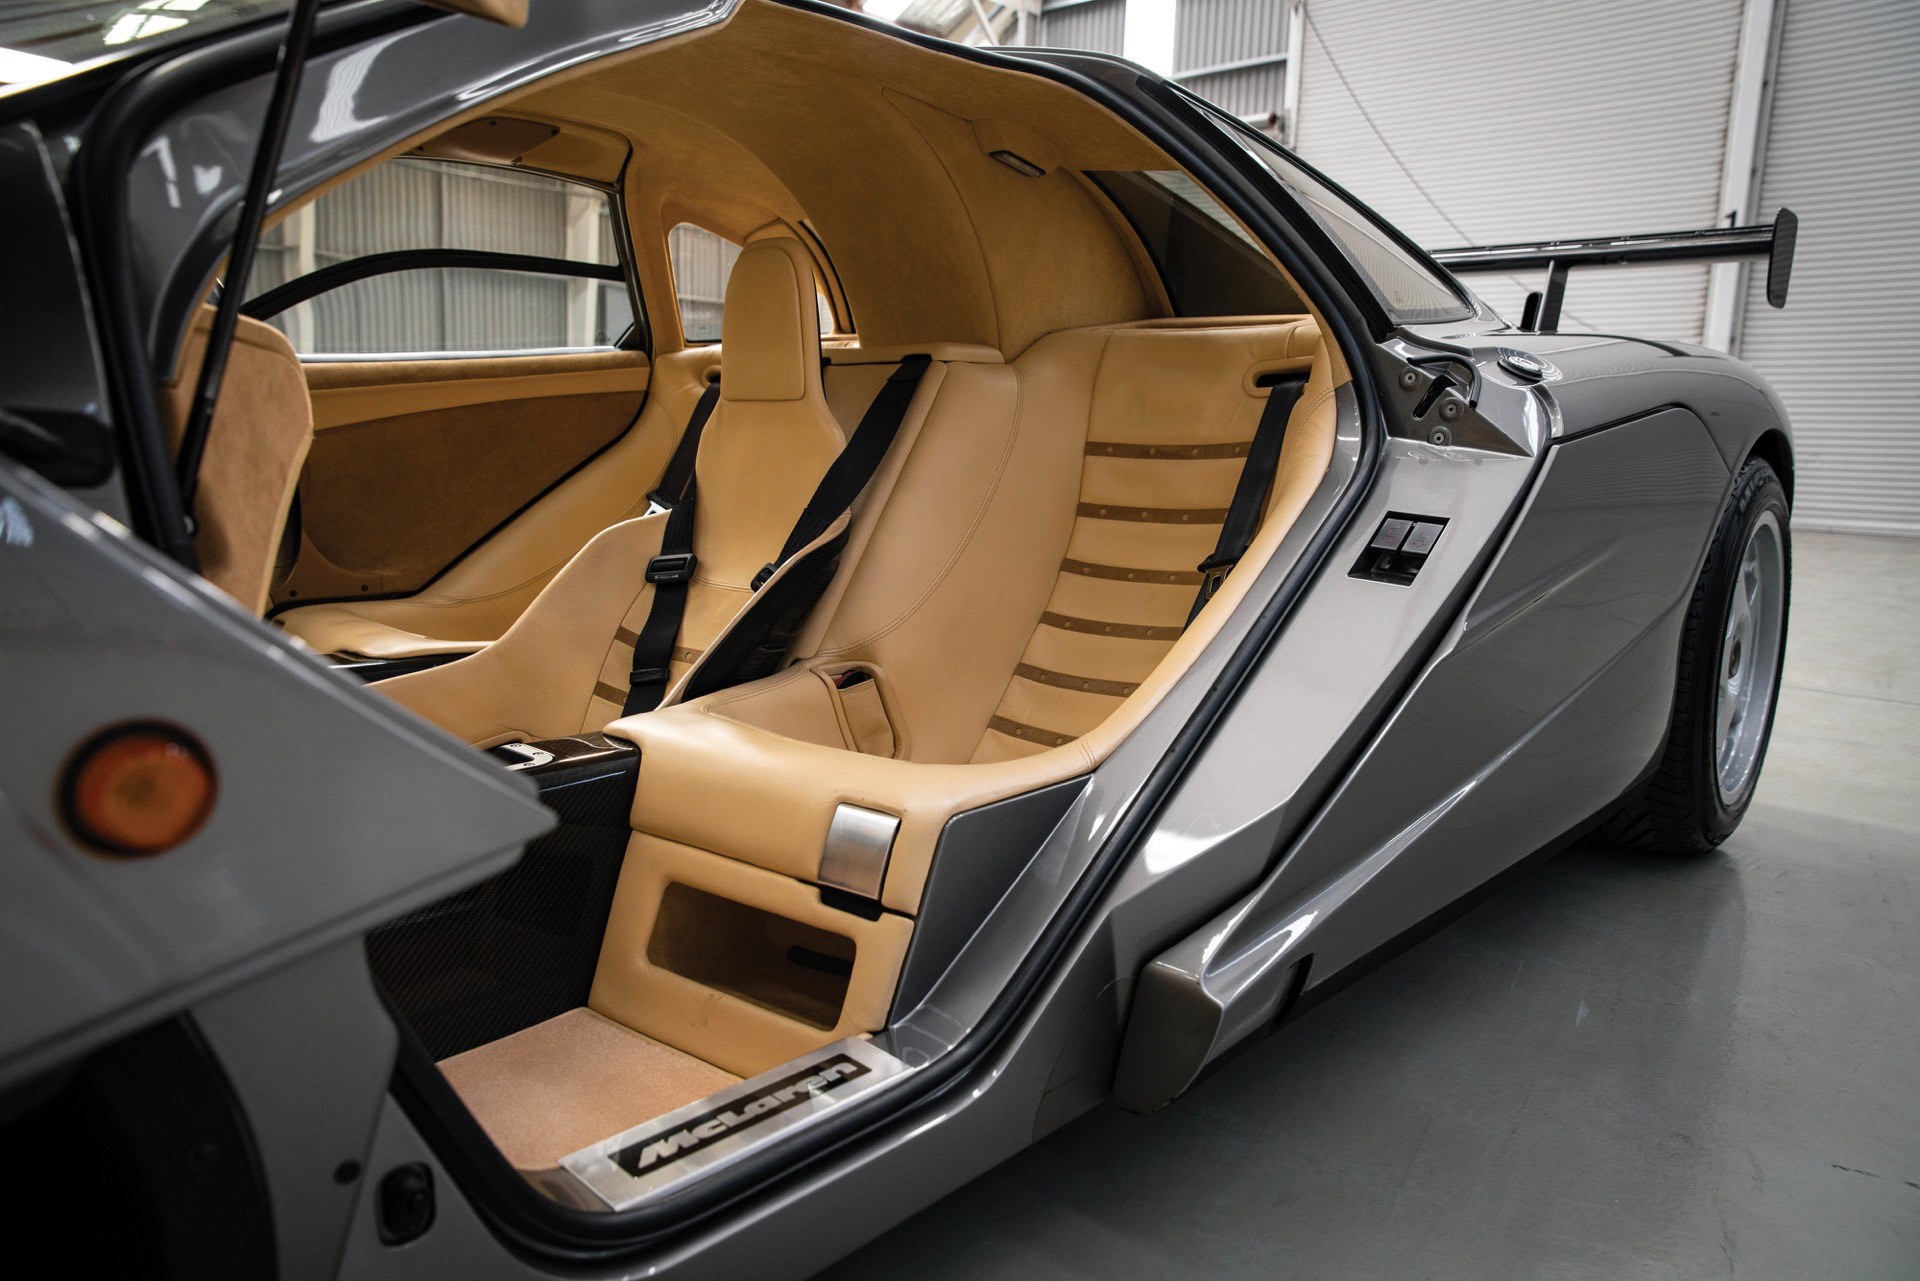 Цена молотка представляет собой новый рекорд для McLaren на аукционе, хотя и не соответствует общему рекорду британского автомобиля. Он остается за Aston Martin DBR1 RM Sothebys, проданным в 2017 году.